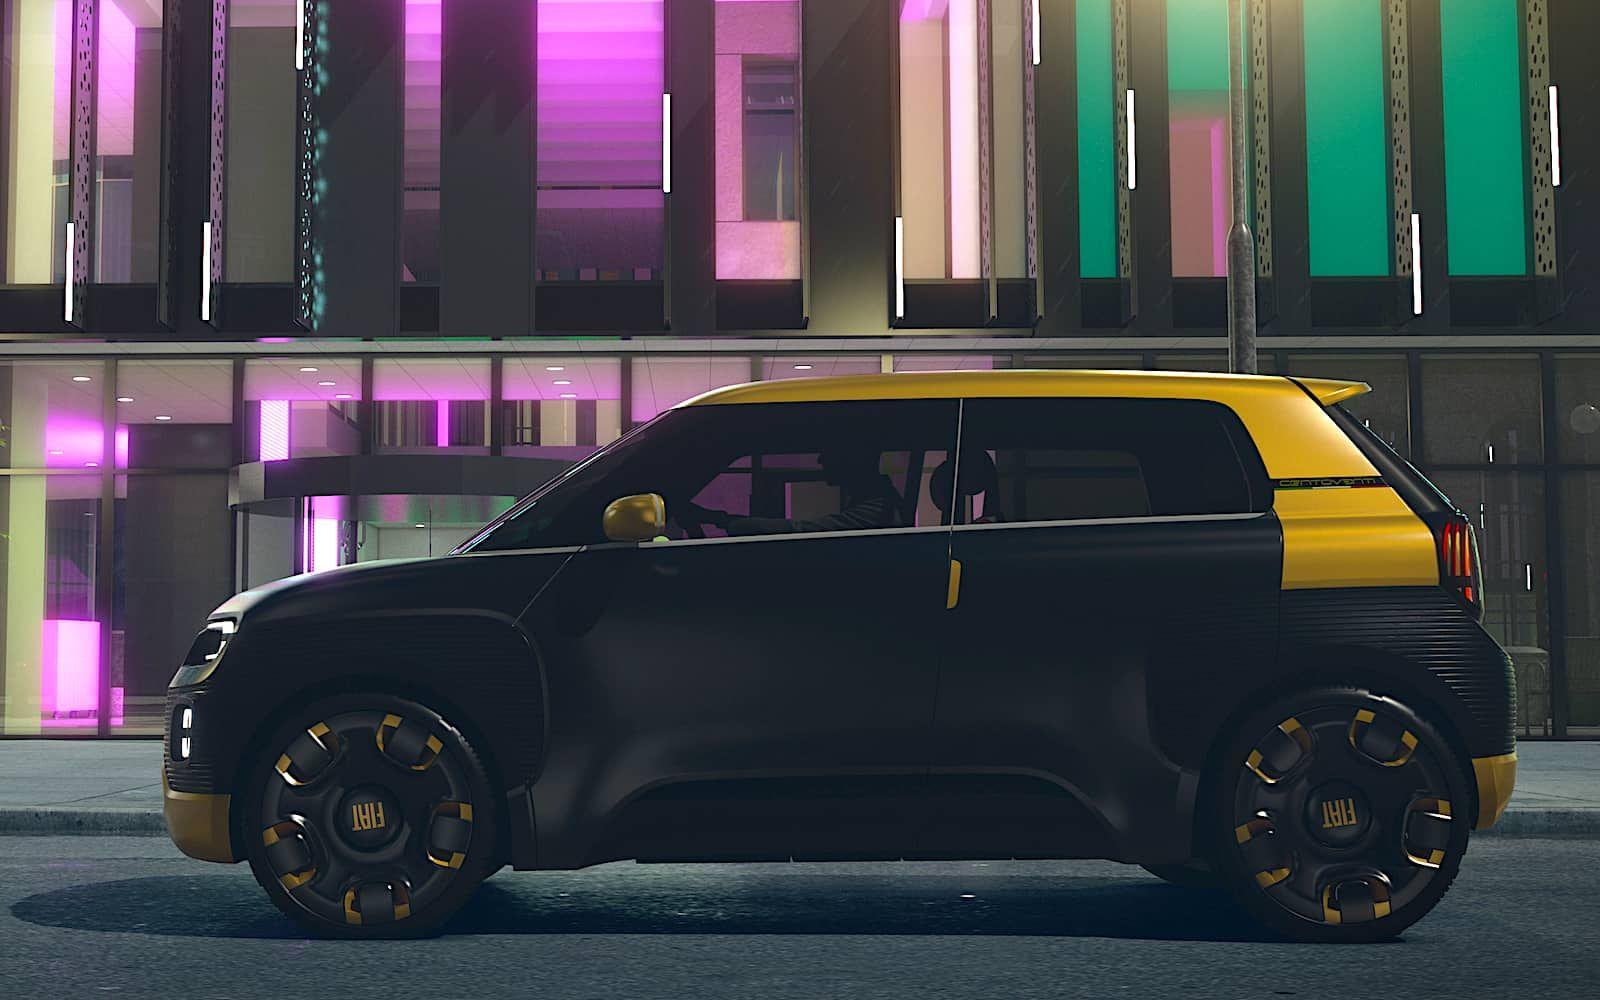 El Nuevo Fiat Panda Electrico Podria Estar Listo Para 2021 Fiat